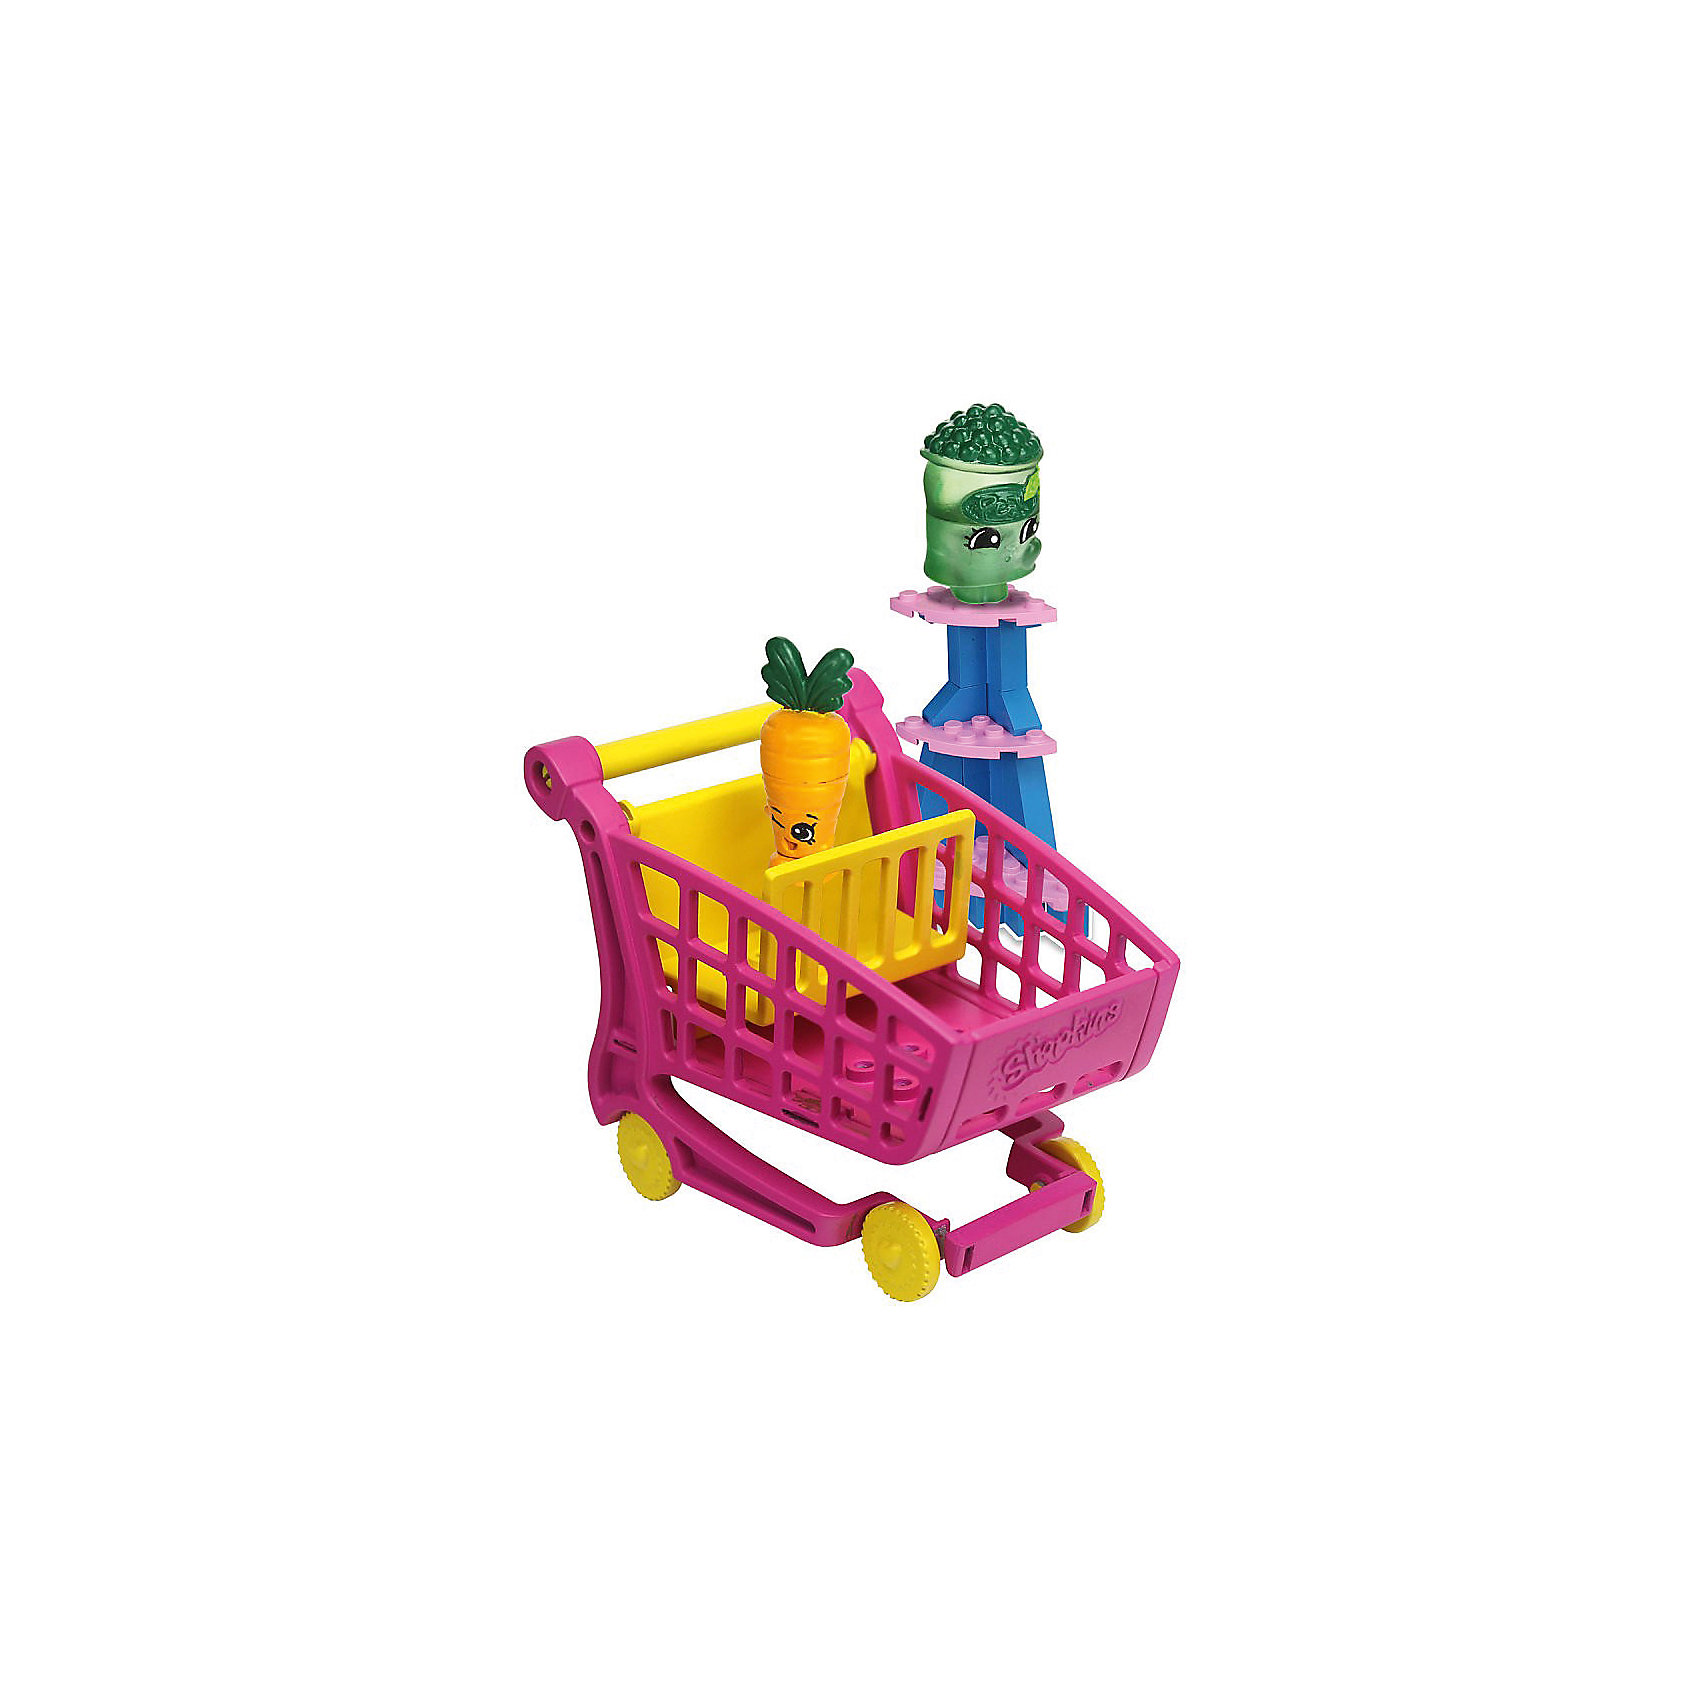 Конструктор «Магазин» Freezy Peazy и Дикая Морковь, ShopkinsПластмассовые конструкторы<br>Маленьких любителей конструкторов и мультфильма Shopkins приведет в восторг этот набор - с помощью него можно придумывать множество сюжетов игр с обожаемыми героями. Набор состоит из 37 деталей, из них можно сконструировать тележку для покупок. Также в нем есть <br>2 мини-фигурки, они разбираются и состоят из трех частей. Этот комплект ребенок может использовать в наборе с другими конструкторами от Shopkins Kinstructions от The Bridge Direct и Lego. Конструктор дополнен специальными наклейками, с помощью которых постройки можно украшать! Набор сделан из высококачественных материалов в соответствии со стандартами безопасности.<br><br>Дополнительная информация:<br><br>цвет: разноцветный;<br>материал: пластик;<br>деталей: 37 шт;<br>фигурок: 2 шт.<br><br>Конструктор «Магазин» Freezy Peazy и Дикая Морковь, Shopkins можно купить в нашем магазине.<br><br>Ширина мм: 38<br>Глубина мм: 127<br>Высота мм: 178<br>Вес г: 180<br>Возраст от месяцев: 72<br>Возраст до месяцев: 120<br>Пол: Женский<br>Возраст: Детский<br>SKU: 4924449